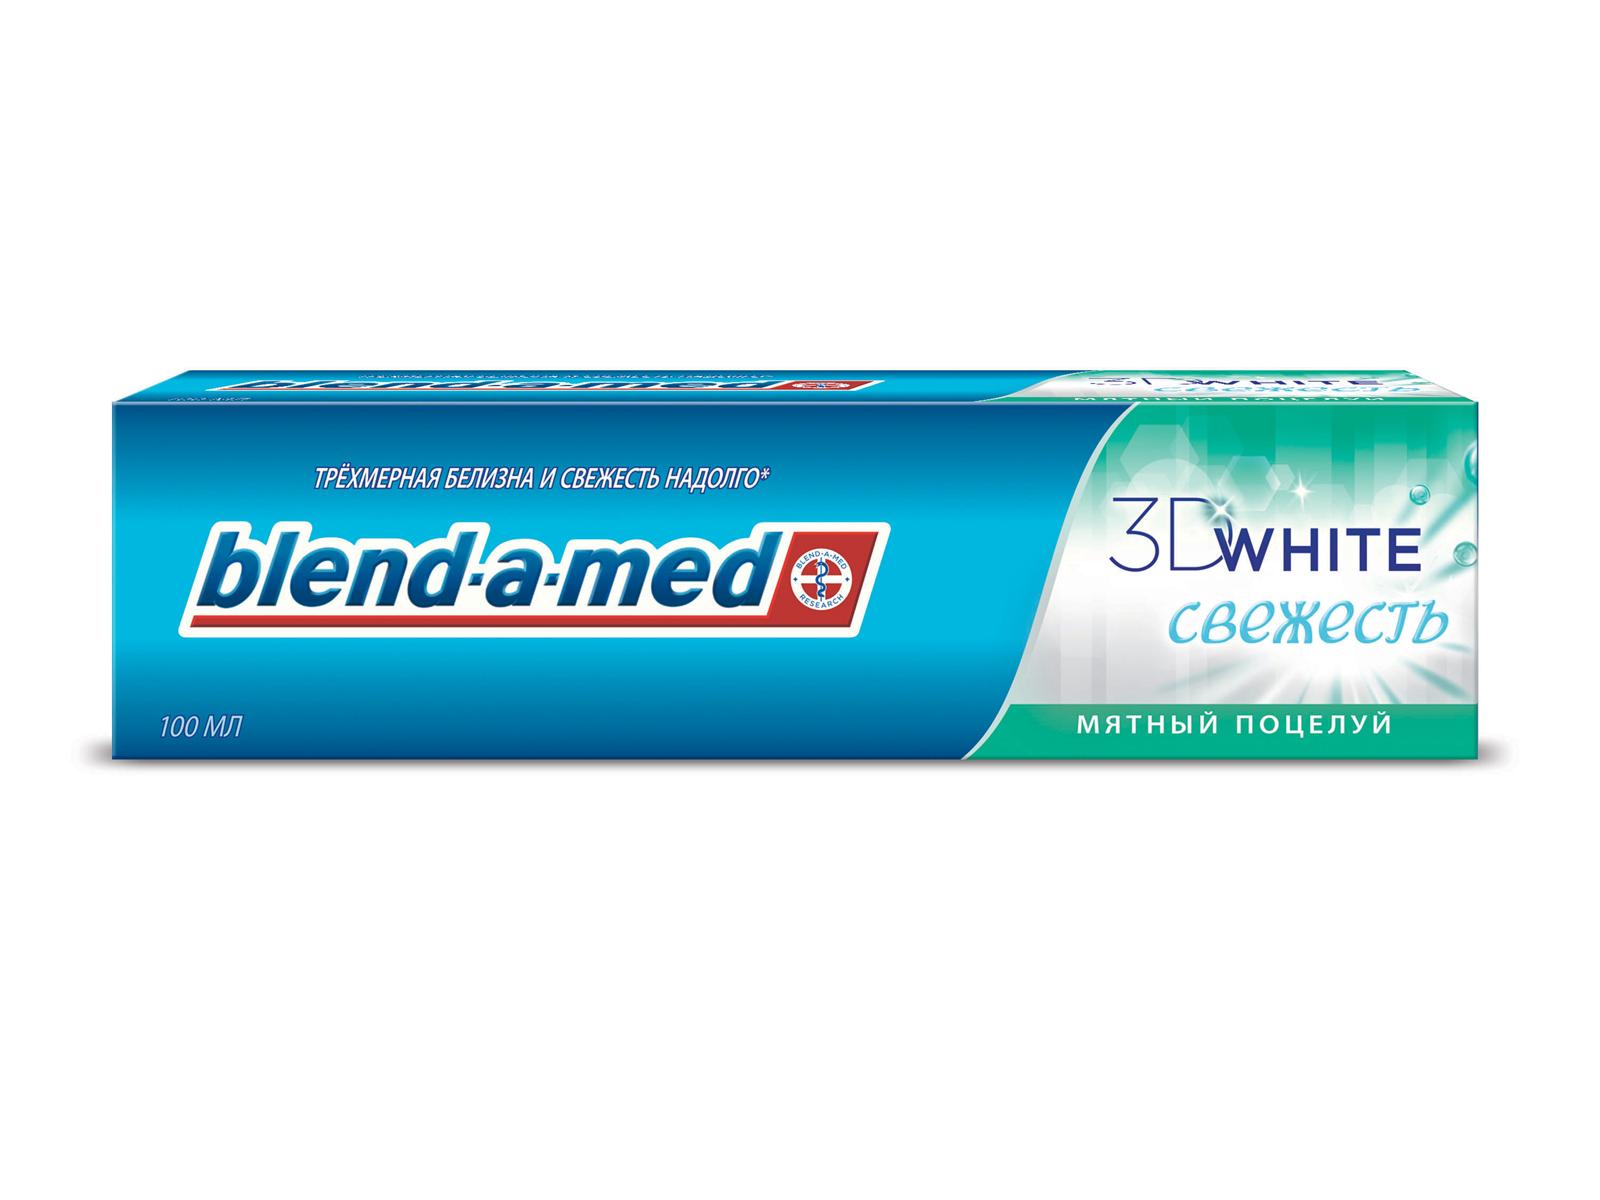 Blend-a-med Зубная паста 3D White Свежесть Мятный Поцелуй, 100 млSatin Hair 7 BR730MNЗубная паста Blend-a-med 3D White Fresh Мятный поцелуй позволяет сохранять свежее дыхание до 6 раз дольше*!Blend-a-med 3D White Fresh Мятный поцелуй дарит вам уверенность в себе. Она не только освежает дыхание, но и обладает таким же отбеливающим эффектом, как и остальные зубные пасты семейства 3D White:специальные вещества 3D Fresh придают свежесть,отбеливающие частицы, оказывающие воздействие на поверхность языка, десен и зубов, сохраняют ваши зубы ослепительно белоснежными во всех трех измерениях – впереди, сзади и даже в промежутках между зубами!Рекомендуется использовать с зубной щеткой Oral-B 3D White.*по сравнению с зубной пастой Blend-a-med 3D White- Трехмерная белизна и свежесть надолго.- Обеспечивает качественный уход за здоровьем полости рта.- Возвращает естественную белизну зубов.- Отбеливающие частицы, оказывающие воздействие на поверхность языка, десен и зубов, сохраняют ваши зубы ослепительно белоснежными во всех трех измерениях – впереди, сзади и даже в промежутках между зубами!- Безопасно для эмали.Срок хранения – 2 года.«Проктер энд Гэмбл», Германия.Уважаемые клиенты!Обращаем ваше внимание на возможные изменения в дизайне упаковки. Качественные характеристики товара остаются неизменными. Поставка осуществляется в зависимости от наличия на складе.